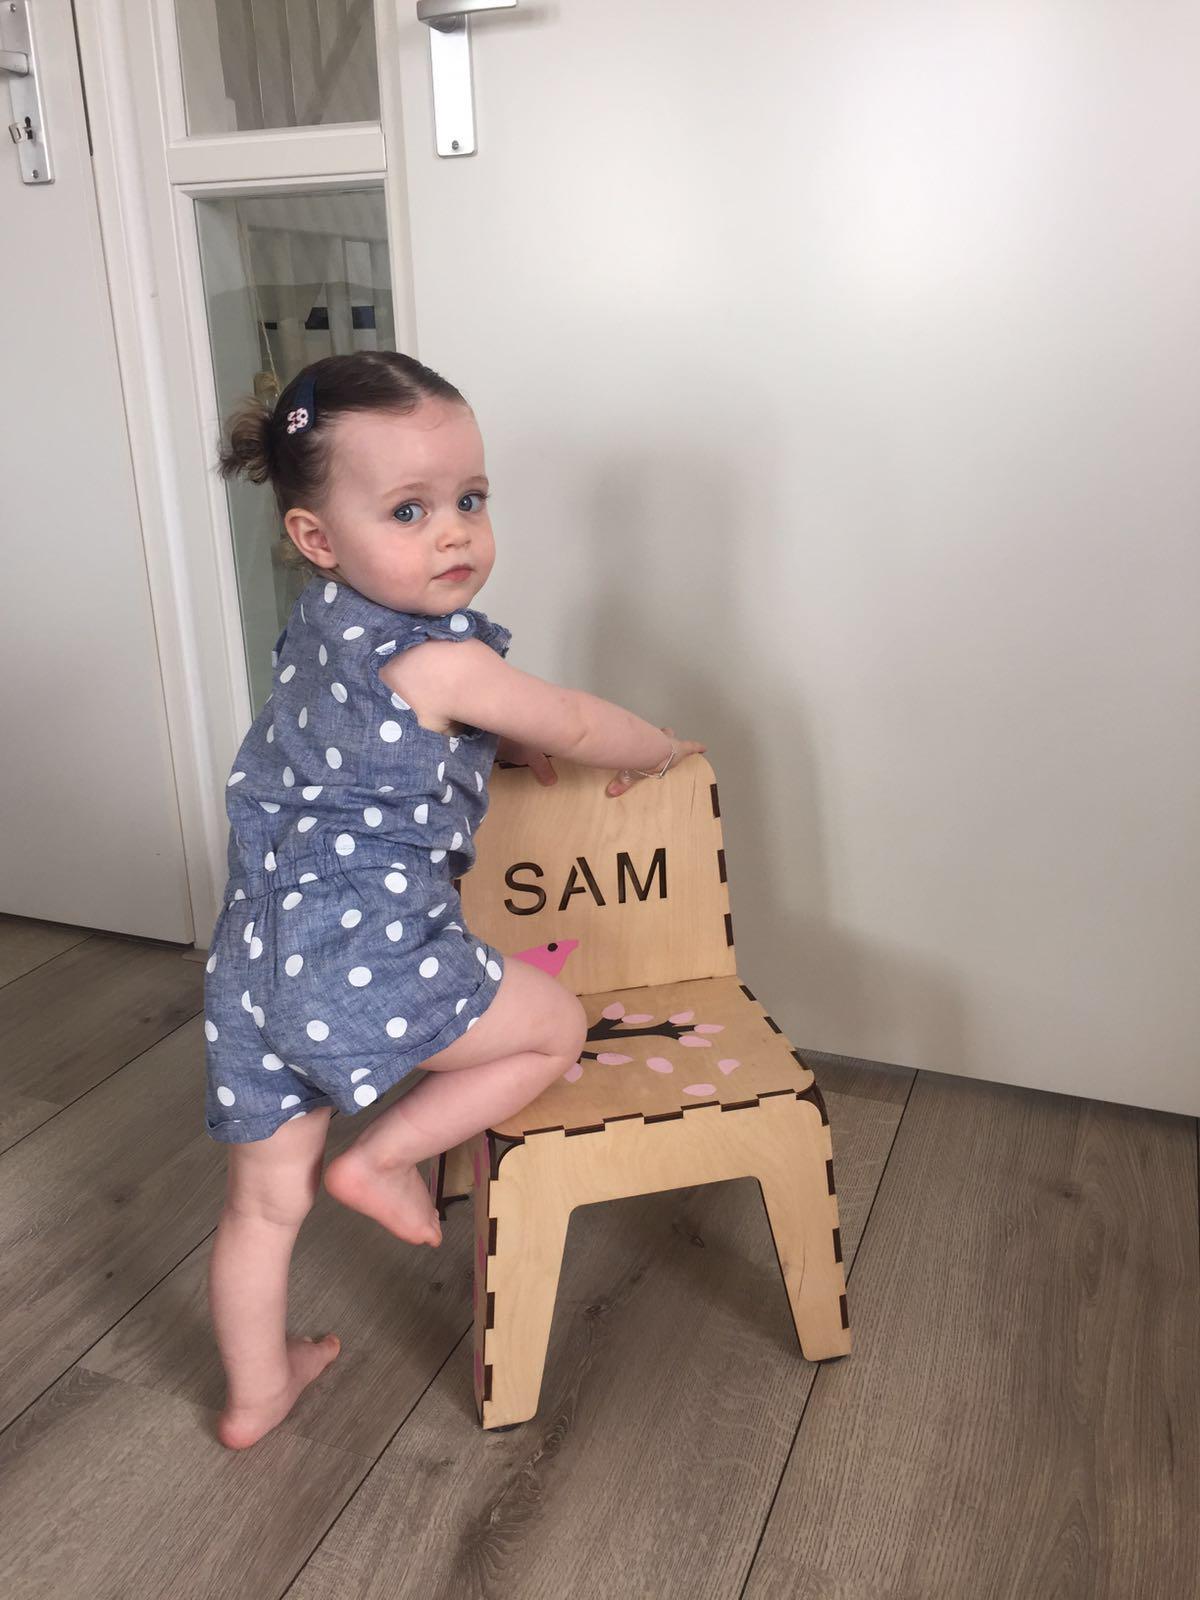 4-16-atelier-vix-stoeltje-diy-knutselen-zelf-stoel-verven-voorbeeld-nanny-moeder-creatief-klik-klak-stoeltje-naam